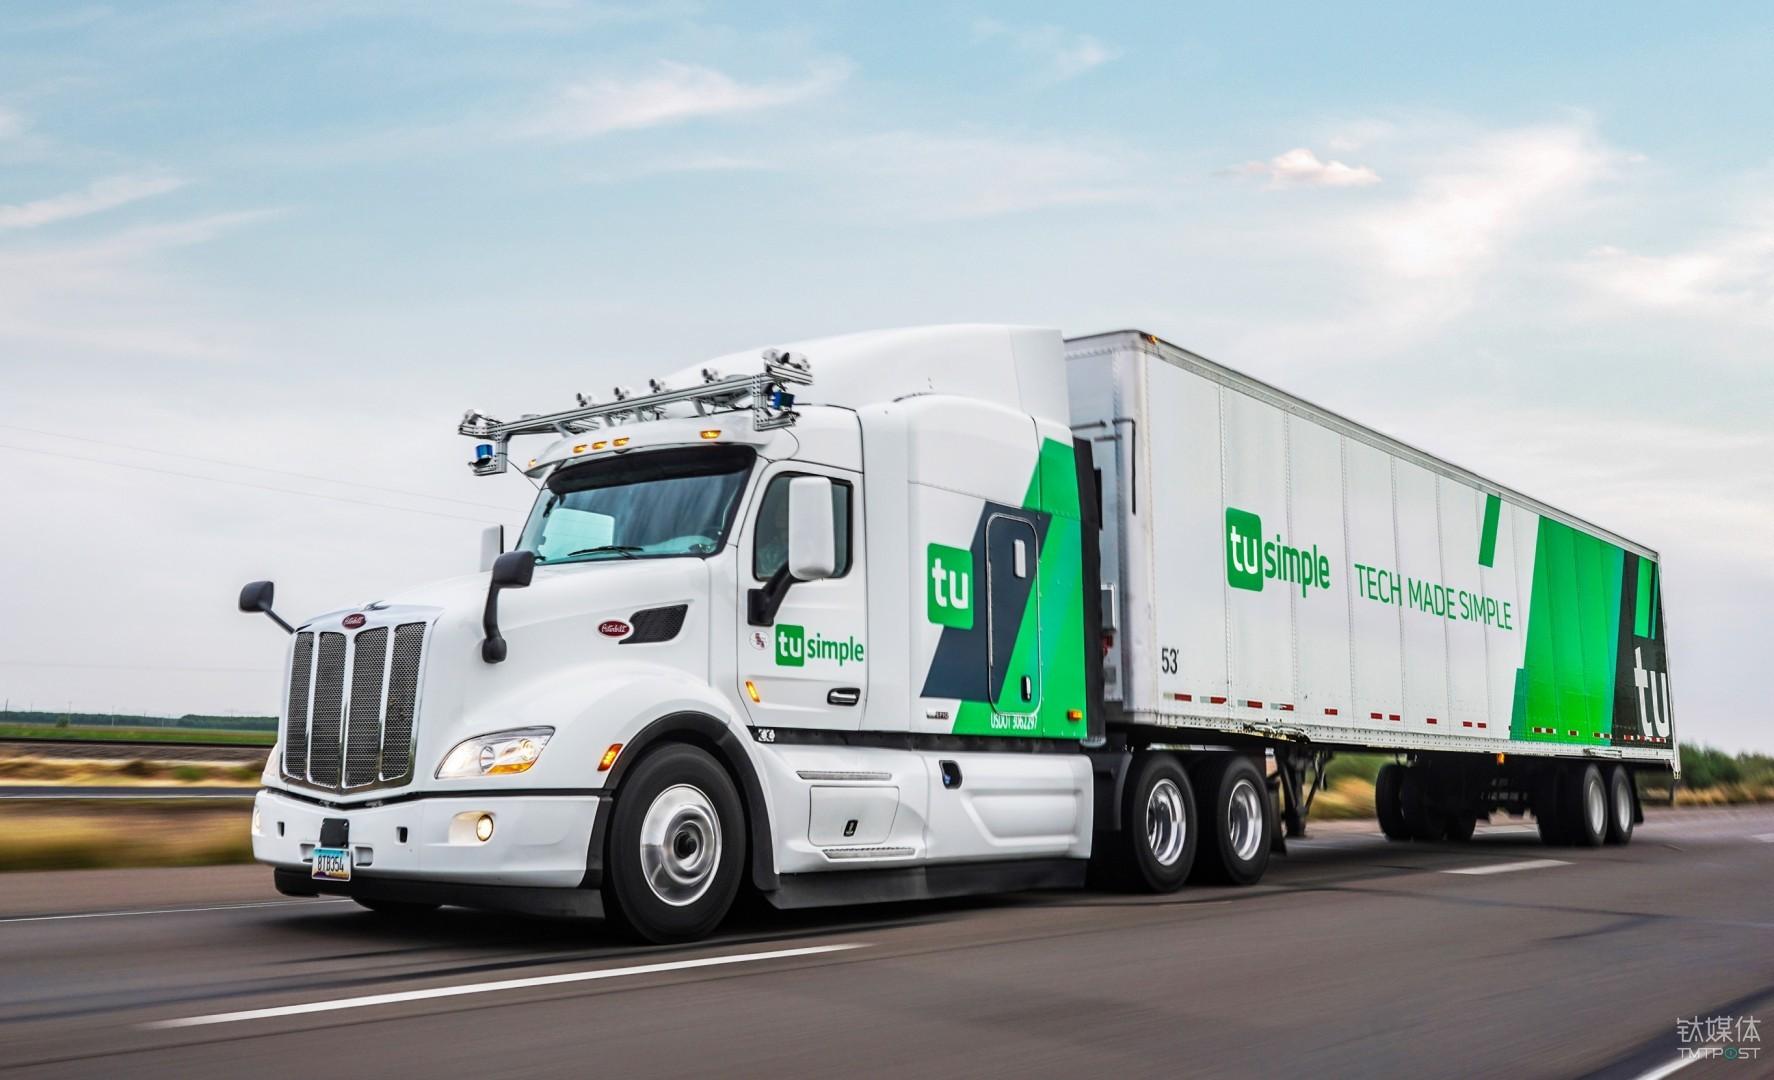 中国初创企业在美国图森市扩大自动驾驶卡车发展